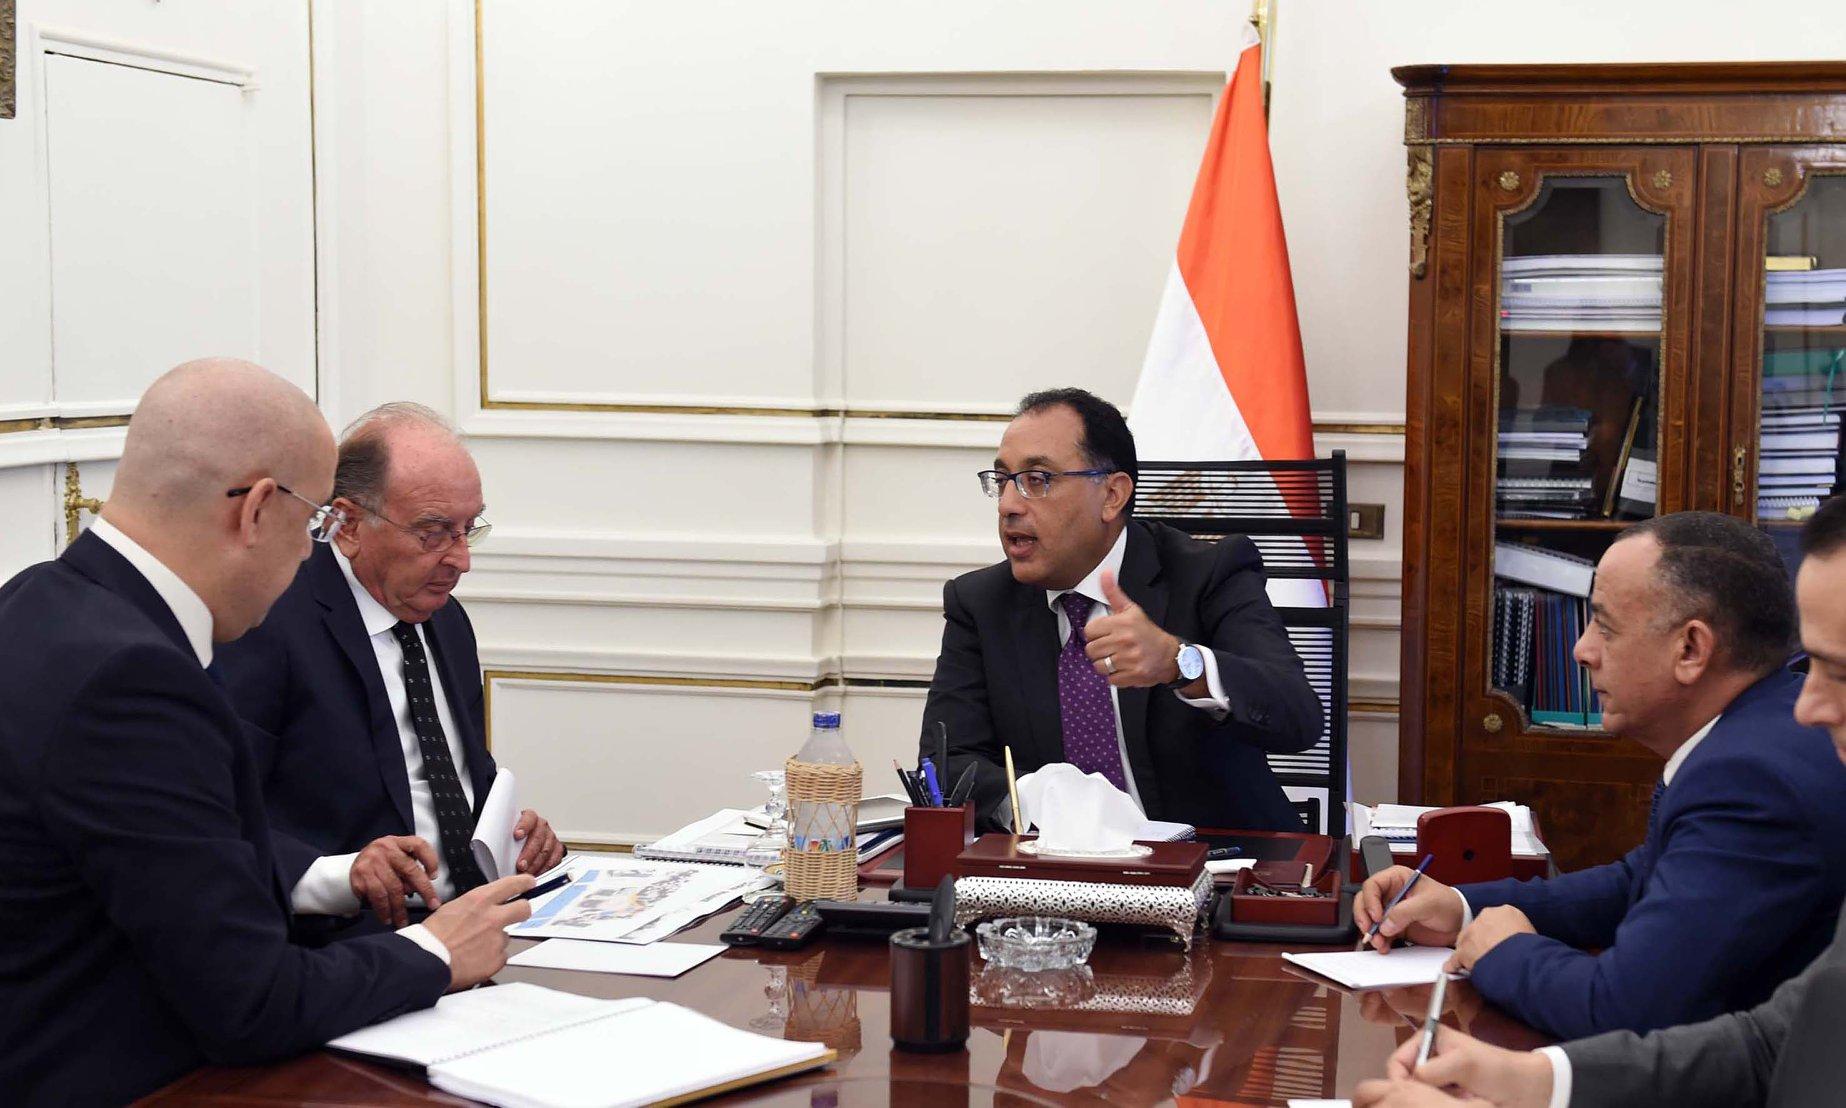 صور | رئيس الوزراء يُكلف بتطوير ميدان التحرير ضمن جهود تطوير القاهرة التاريخية